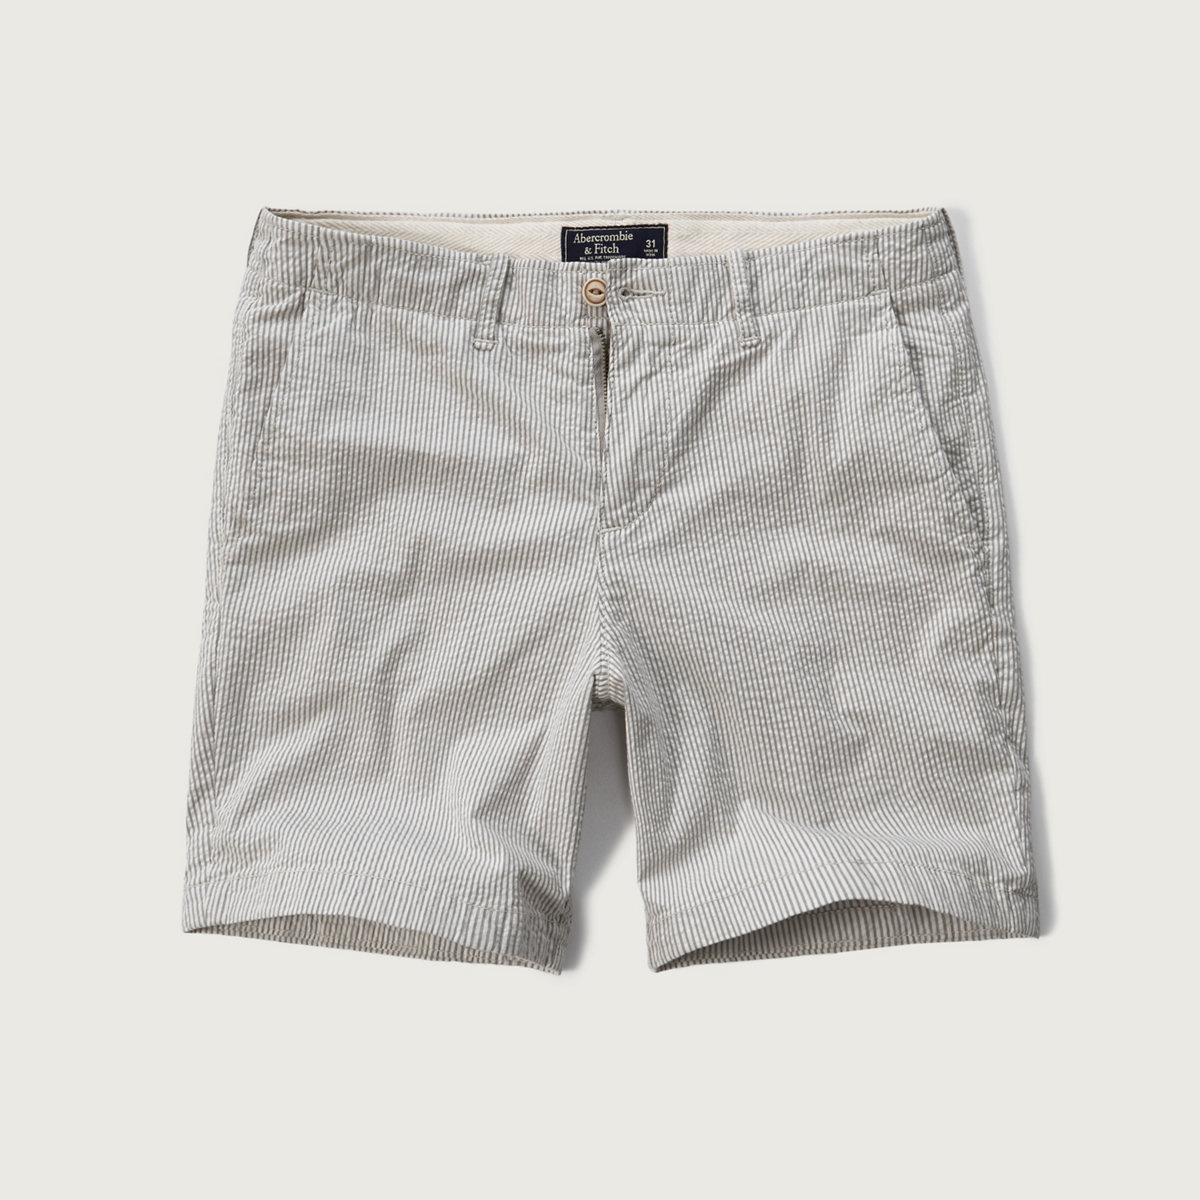 A&F Seersucker Preppy Fit Shorts